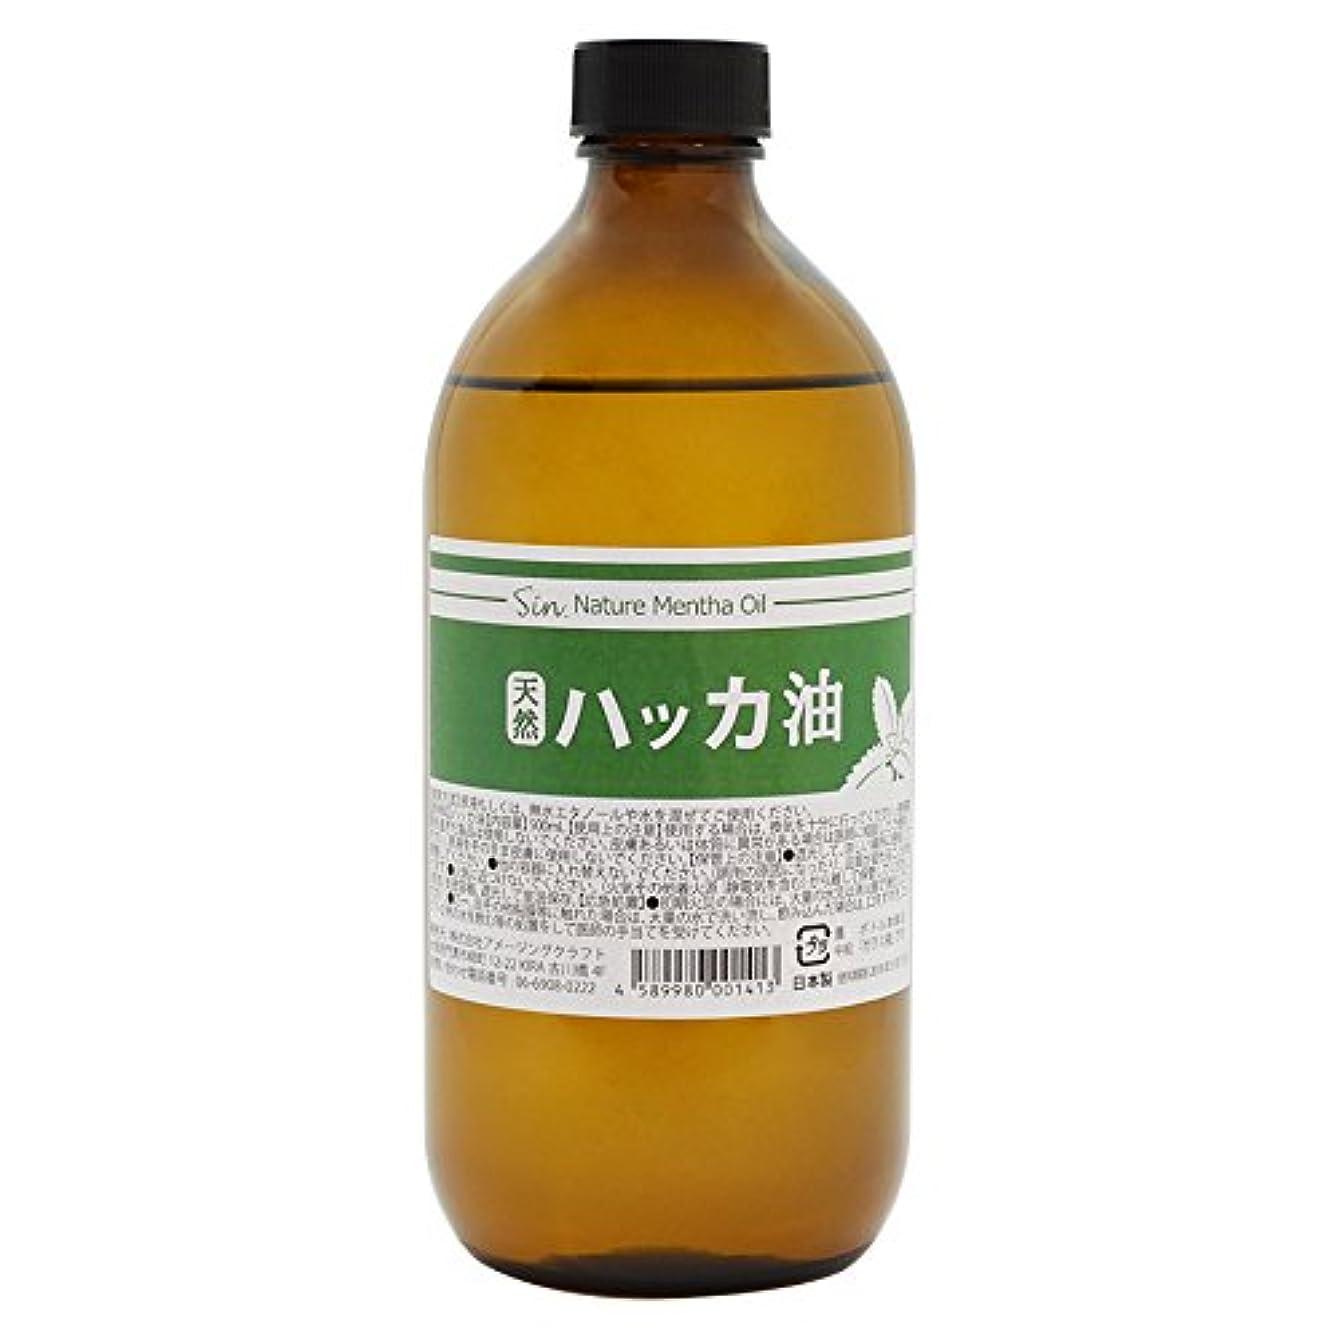 矛盾するスティーブンソン大通り日本製 天然ハッカ油(ハッカオイル) お徳用500ml 中栓付き